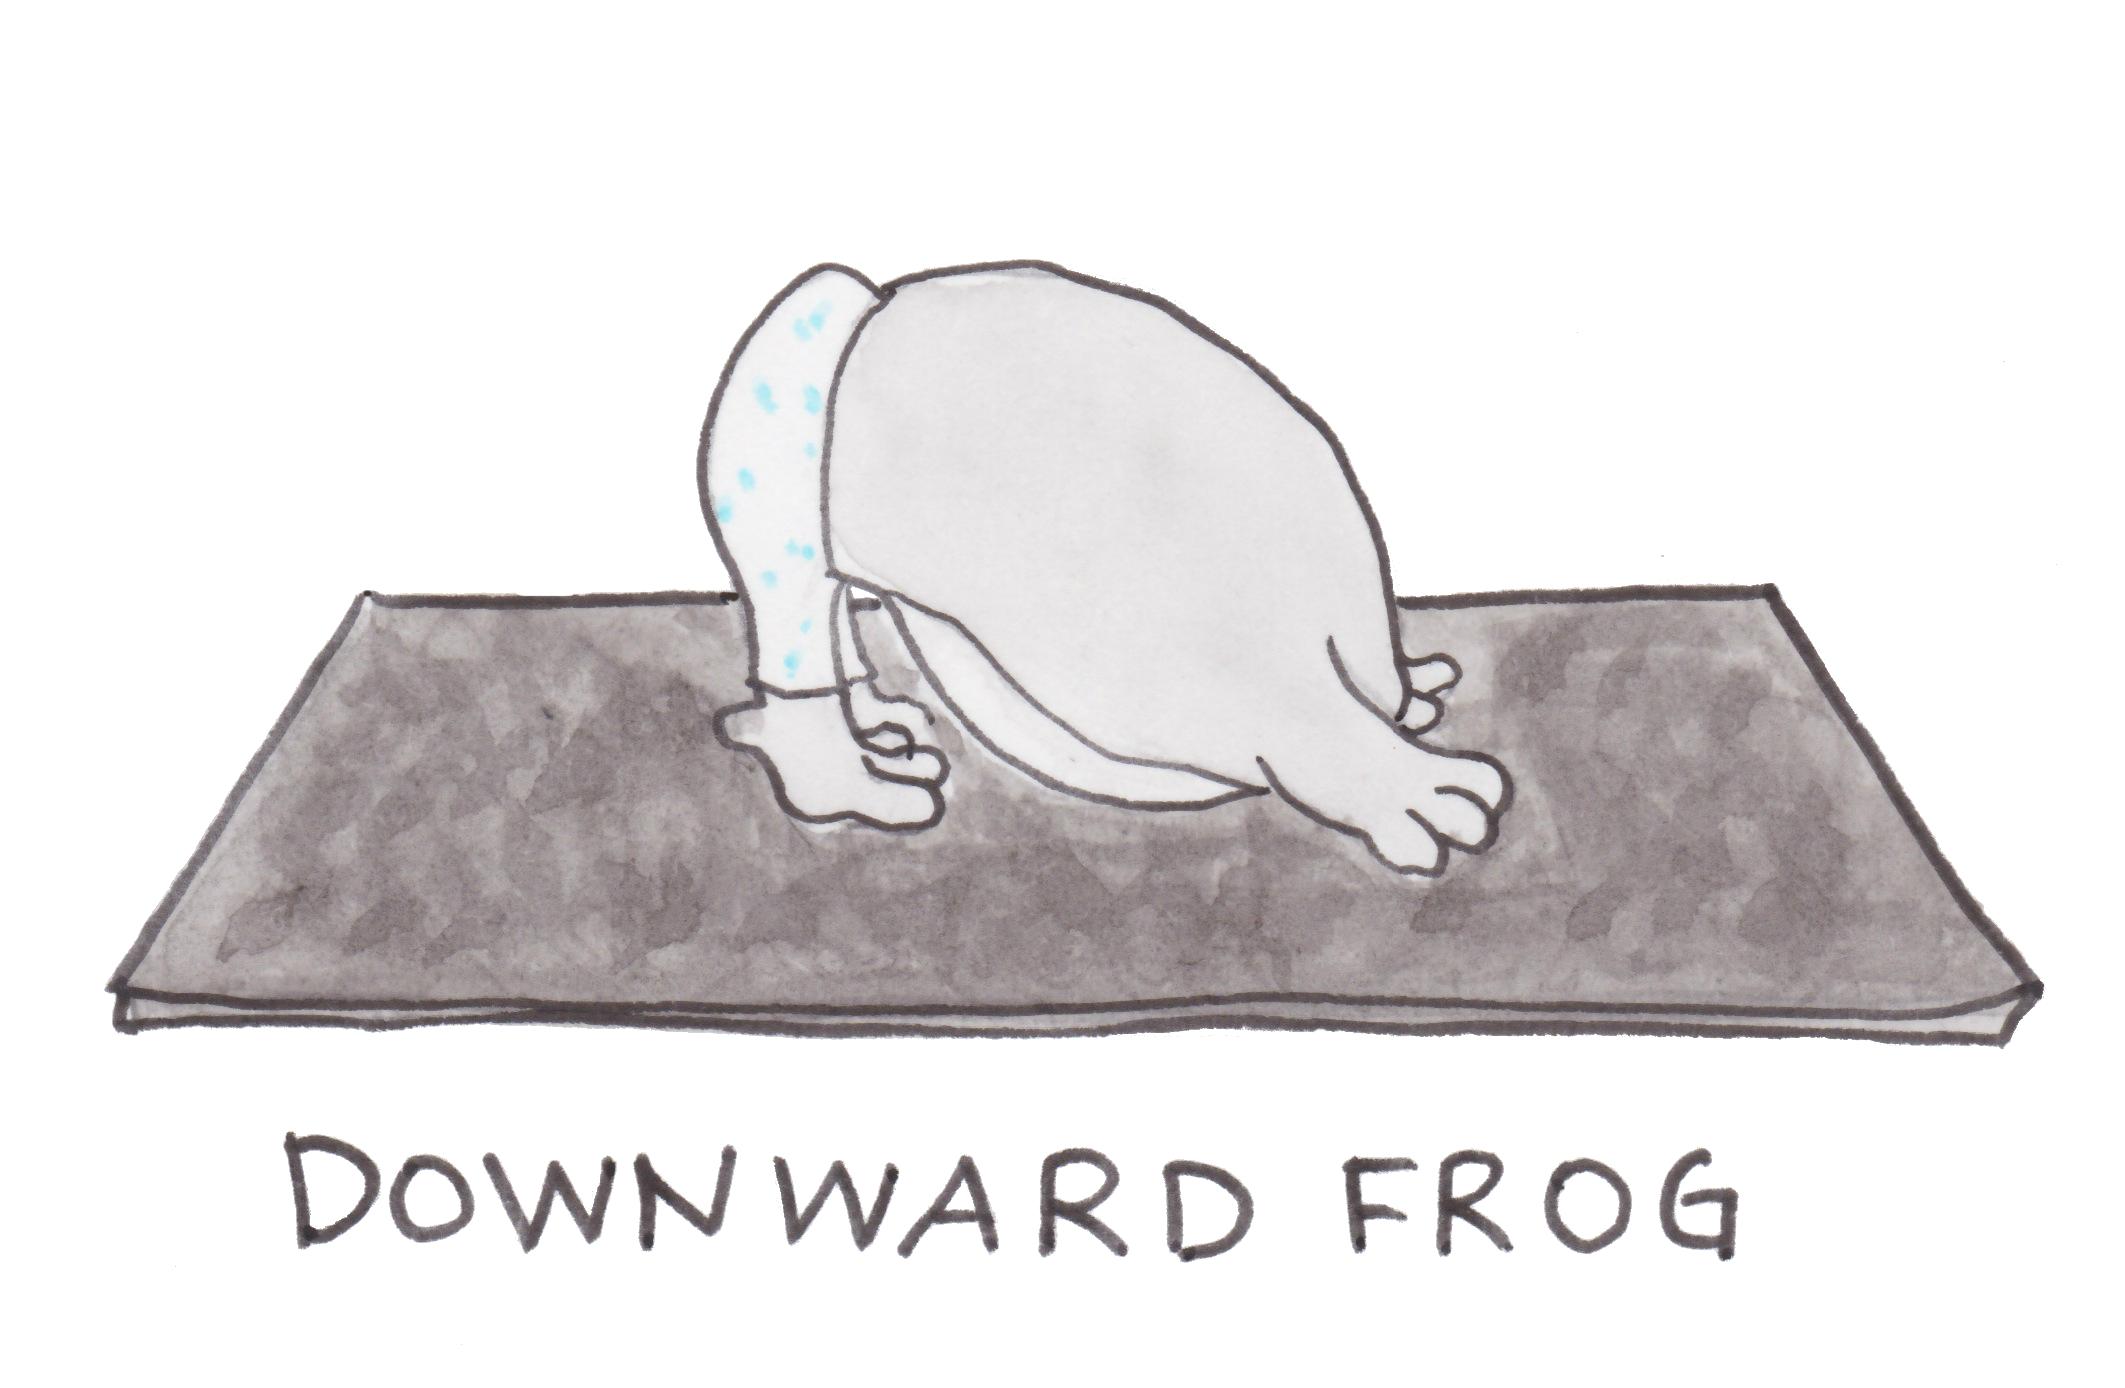 2-Downward Frog 2.jpg